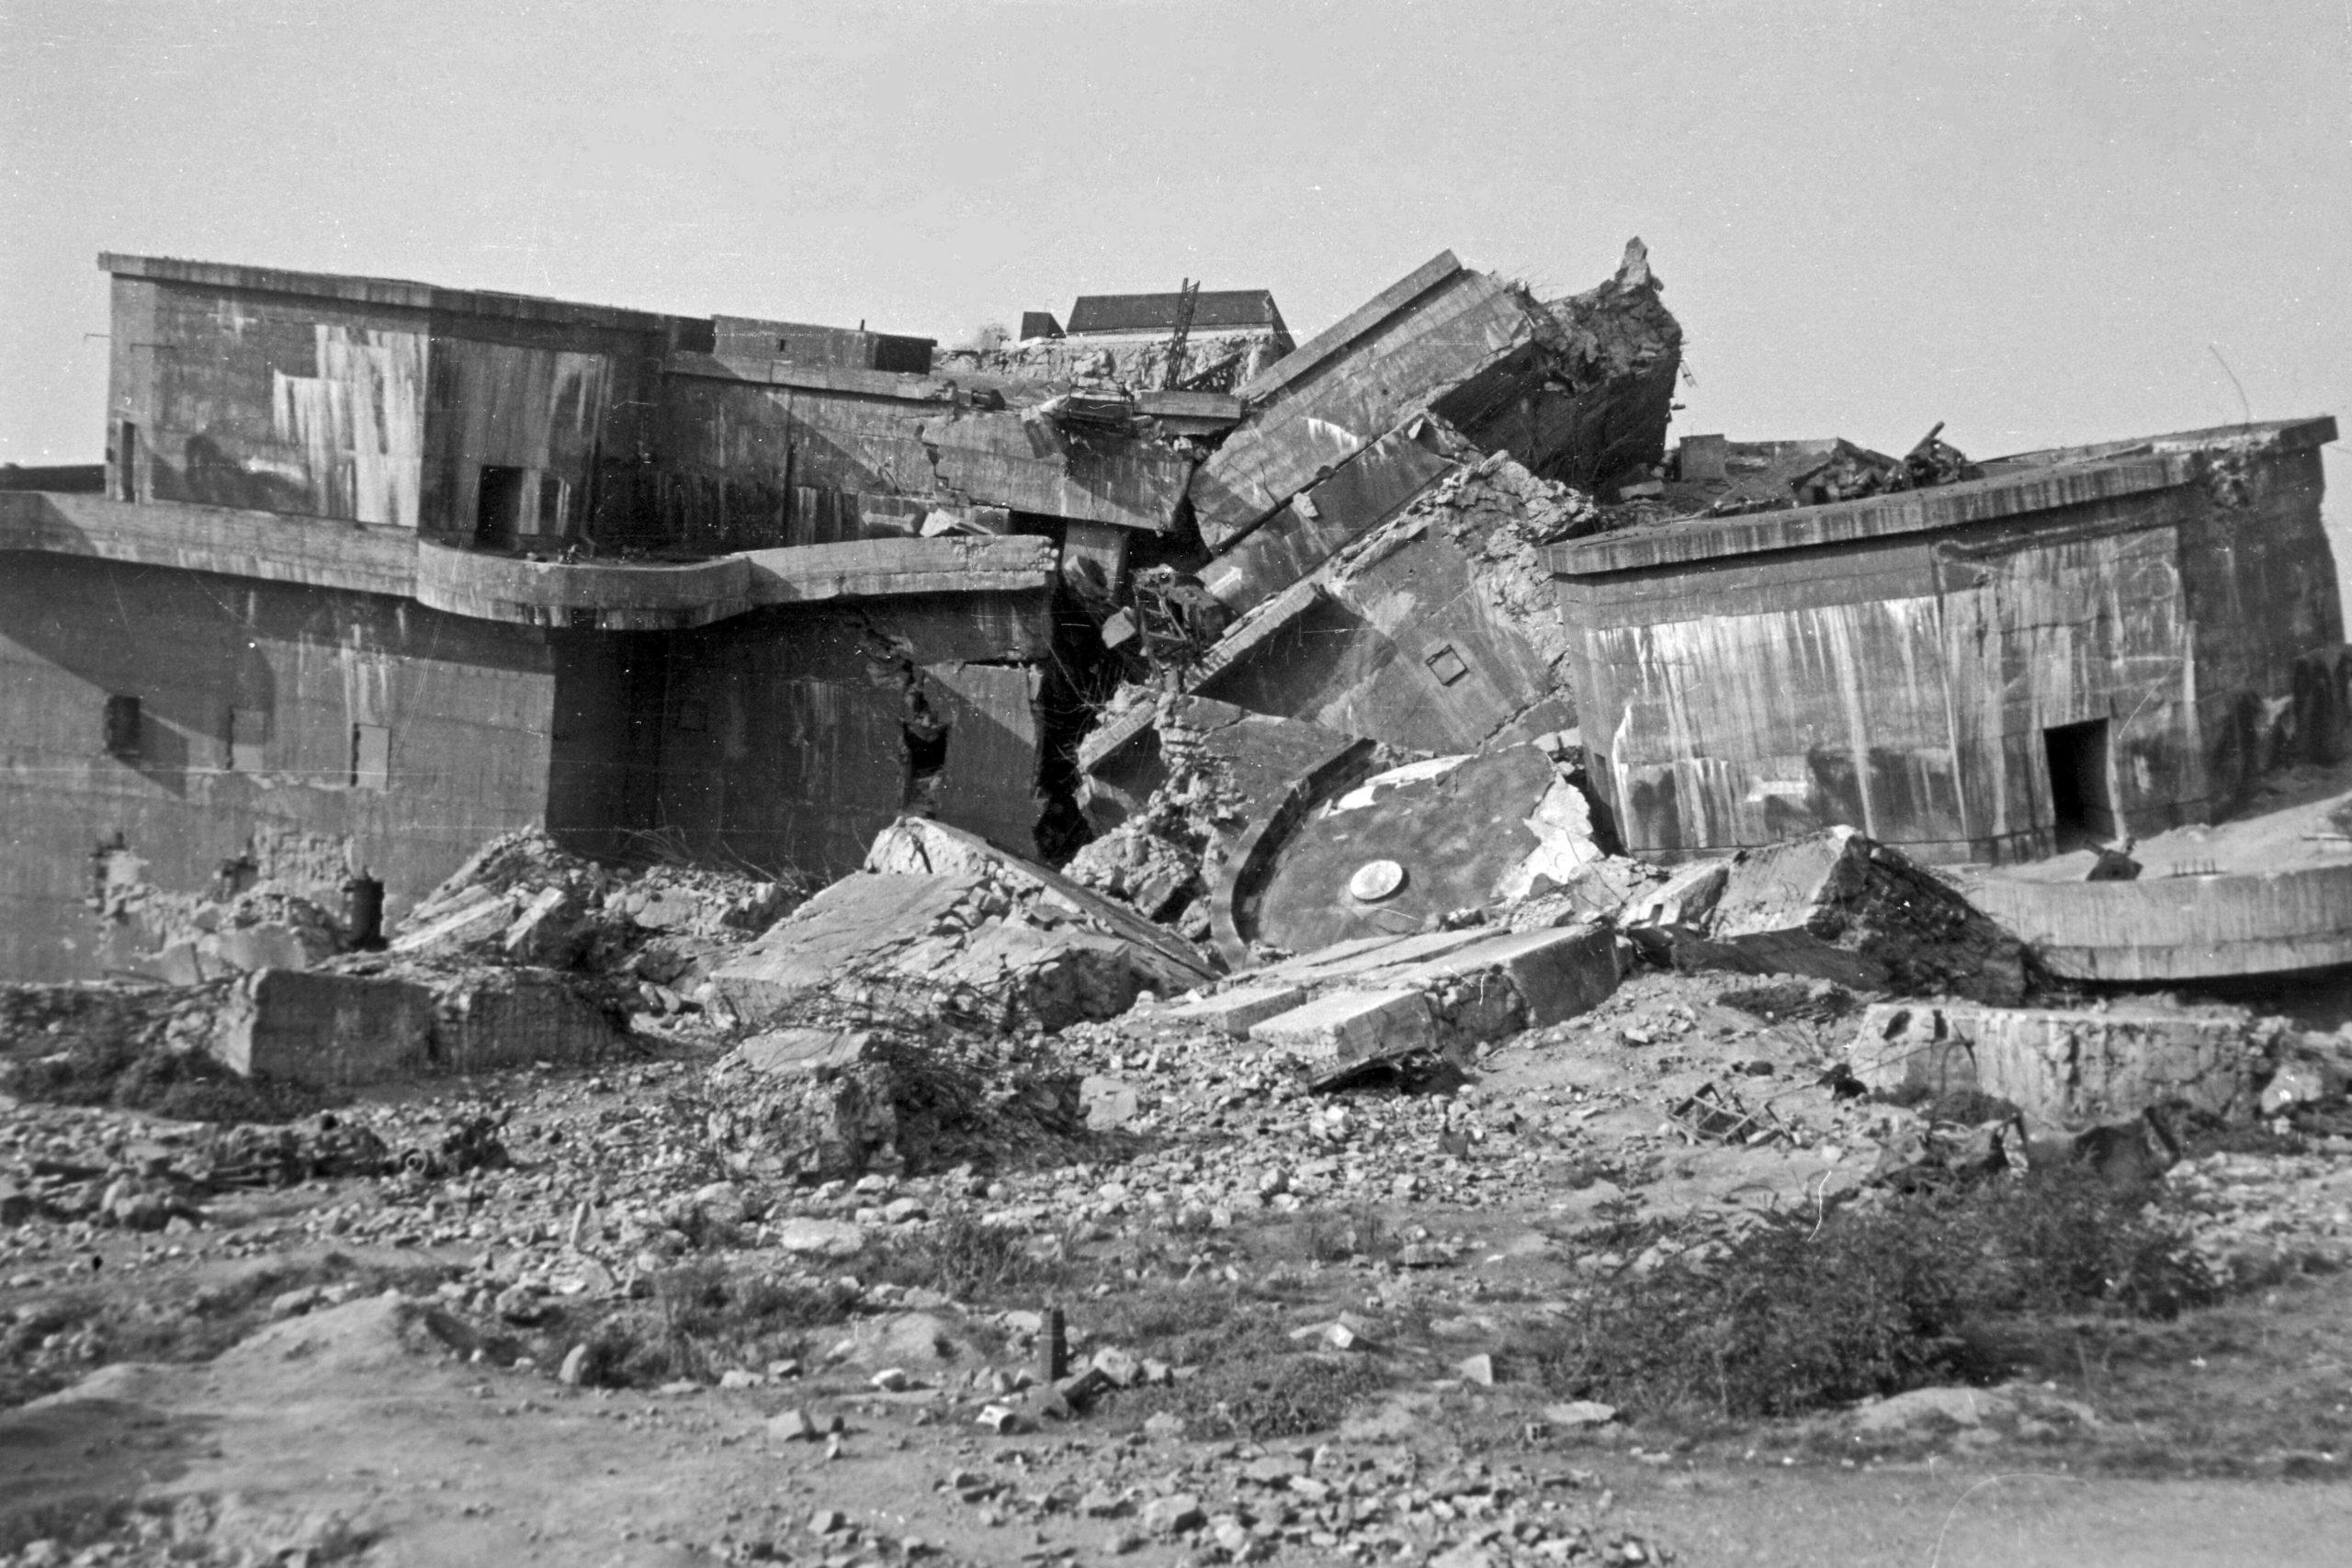 Sprengungen in Berlin: Der geborstene Bunker in Friedrichshain, 1946. Foto: Imago/Erich Andres/United Archives